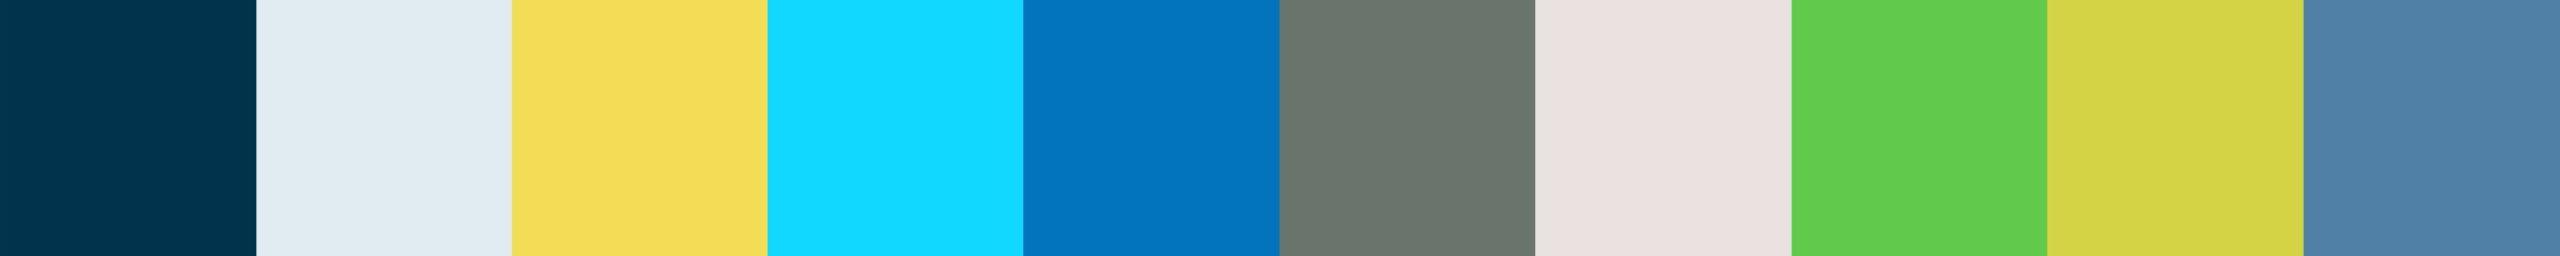 695 Wertoza Color Palette